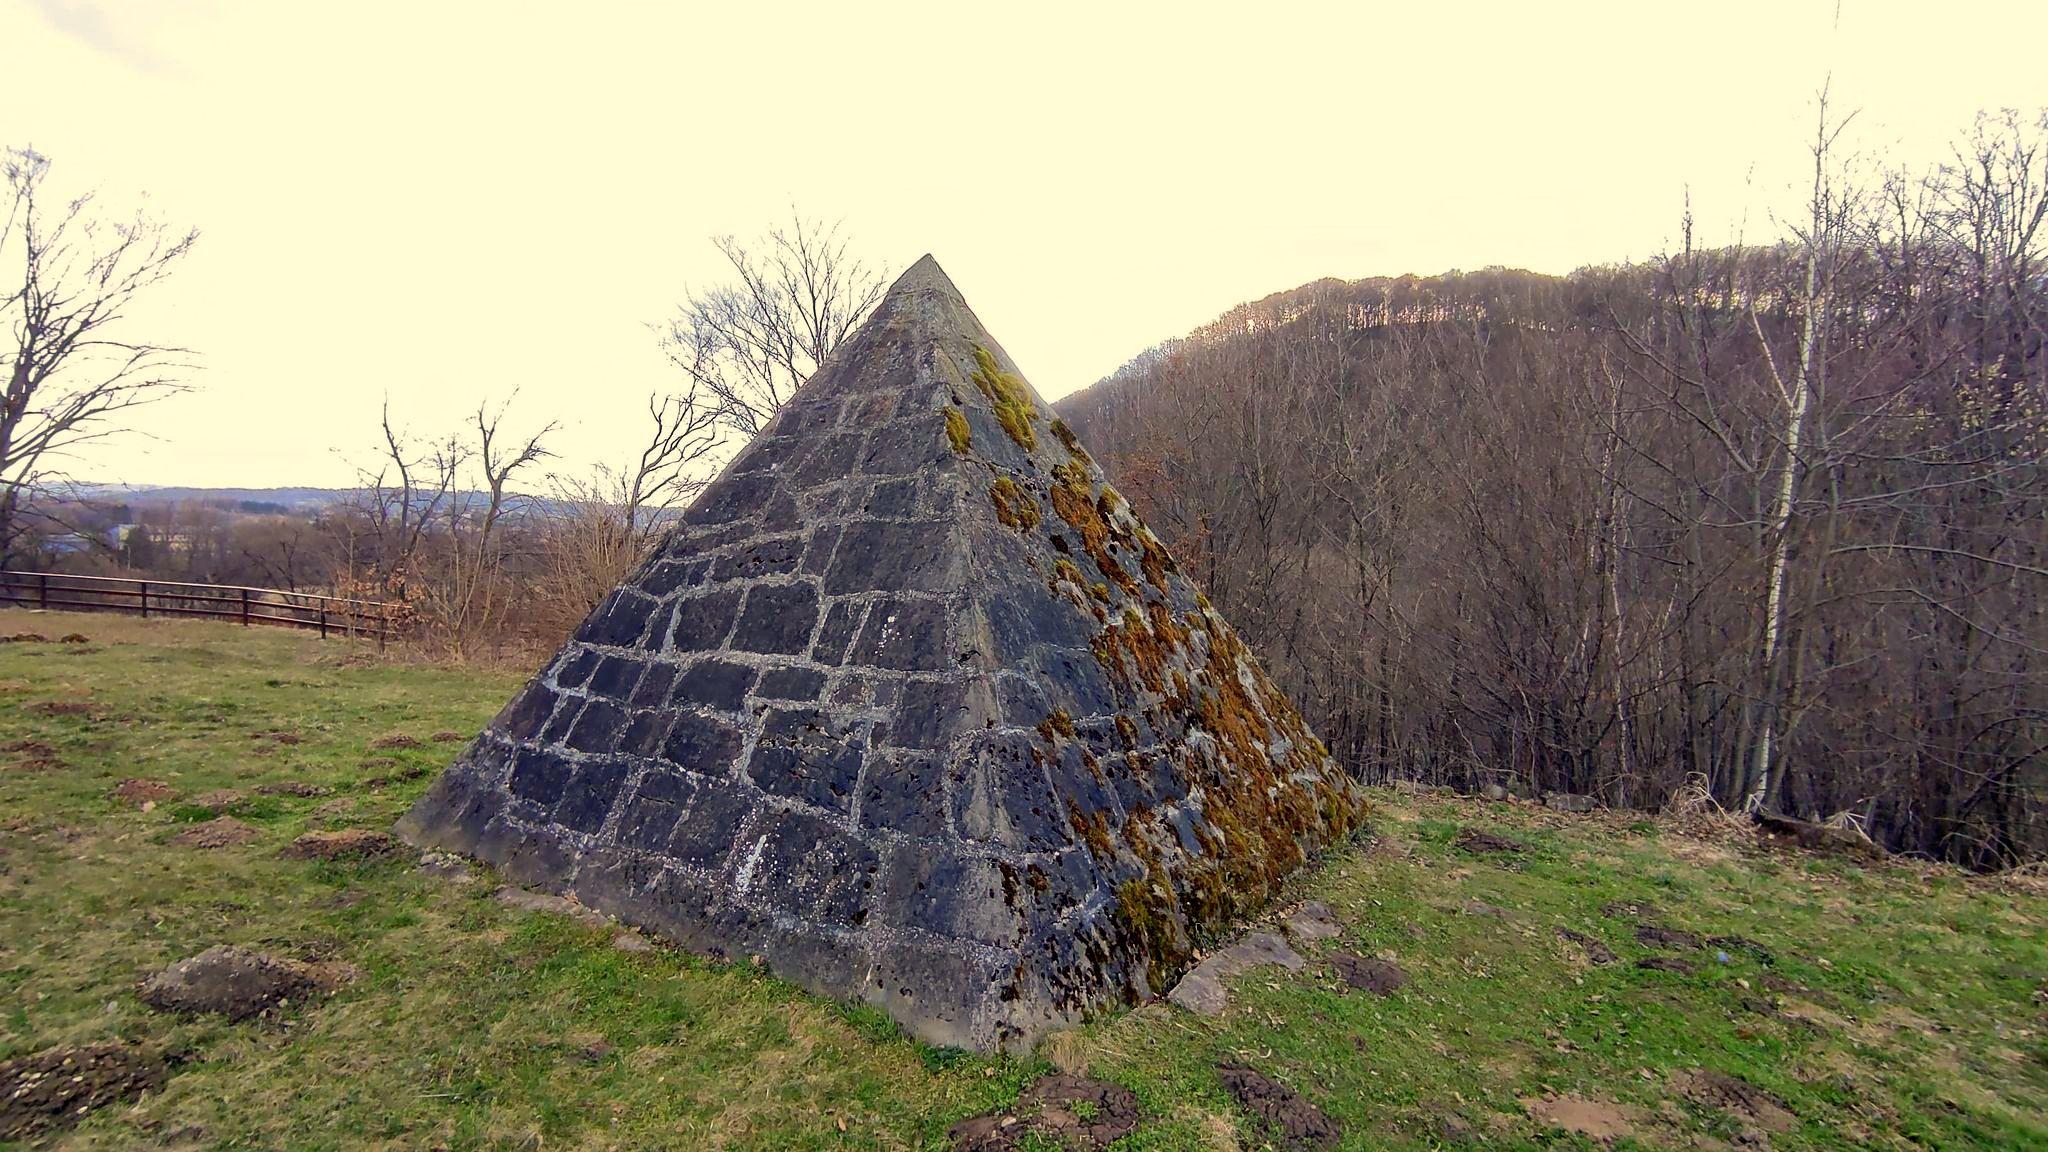 Historia piramidy w Międzybrodziu [ZDJĘCIA] - Zdjęcie główne